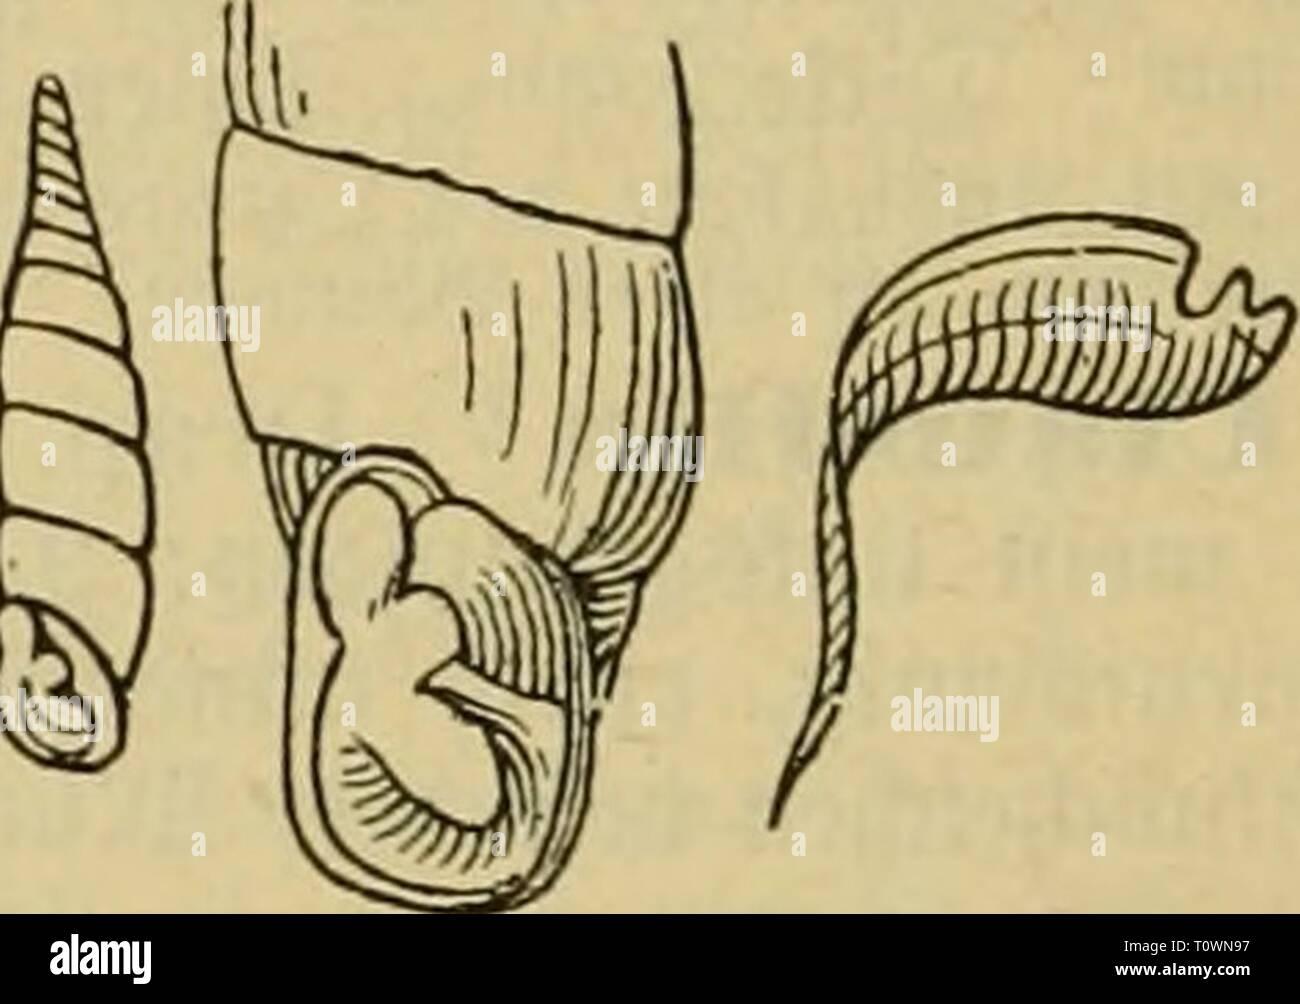 Dr. Johannes Leunis Synopsis der Dr. Johannes Leunis Synopsis der thierkunde. Ein Handbuch für hö hier Lehranstalten und für alle, welche sich wissenschaftlich mit der Naturgeschichte der thiere beschäftigen wollen drjohannesleuni 01 leun Jahr: 1883 890 3 ootogie Landkreis Ludwigslust 9^ atuvgcid) ic^te beö2 £) Zehn-Eid^3, §. 692. (Gc^ alc faft Gans giatt cter fein = geftreift; Chale ftavt geftreift ober Geri^' ivt; lltcnts kurz i^cvl^ aitt-en; Uckrftdjt bcr QJrup^ Spbn. [Sd^^ en ftarf lieüfncdjctc oueigcfc^ nitten; DDionbfalte ich Fcf) ein. Marpressa. ^^ nic t au^^ gefc nitten; tgJJ^, ât, faIt 5 Fe (, es^ Fusülus. _, ^^â Stockfoto